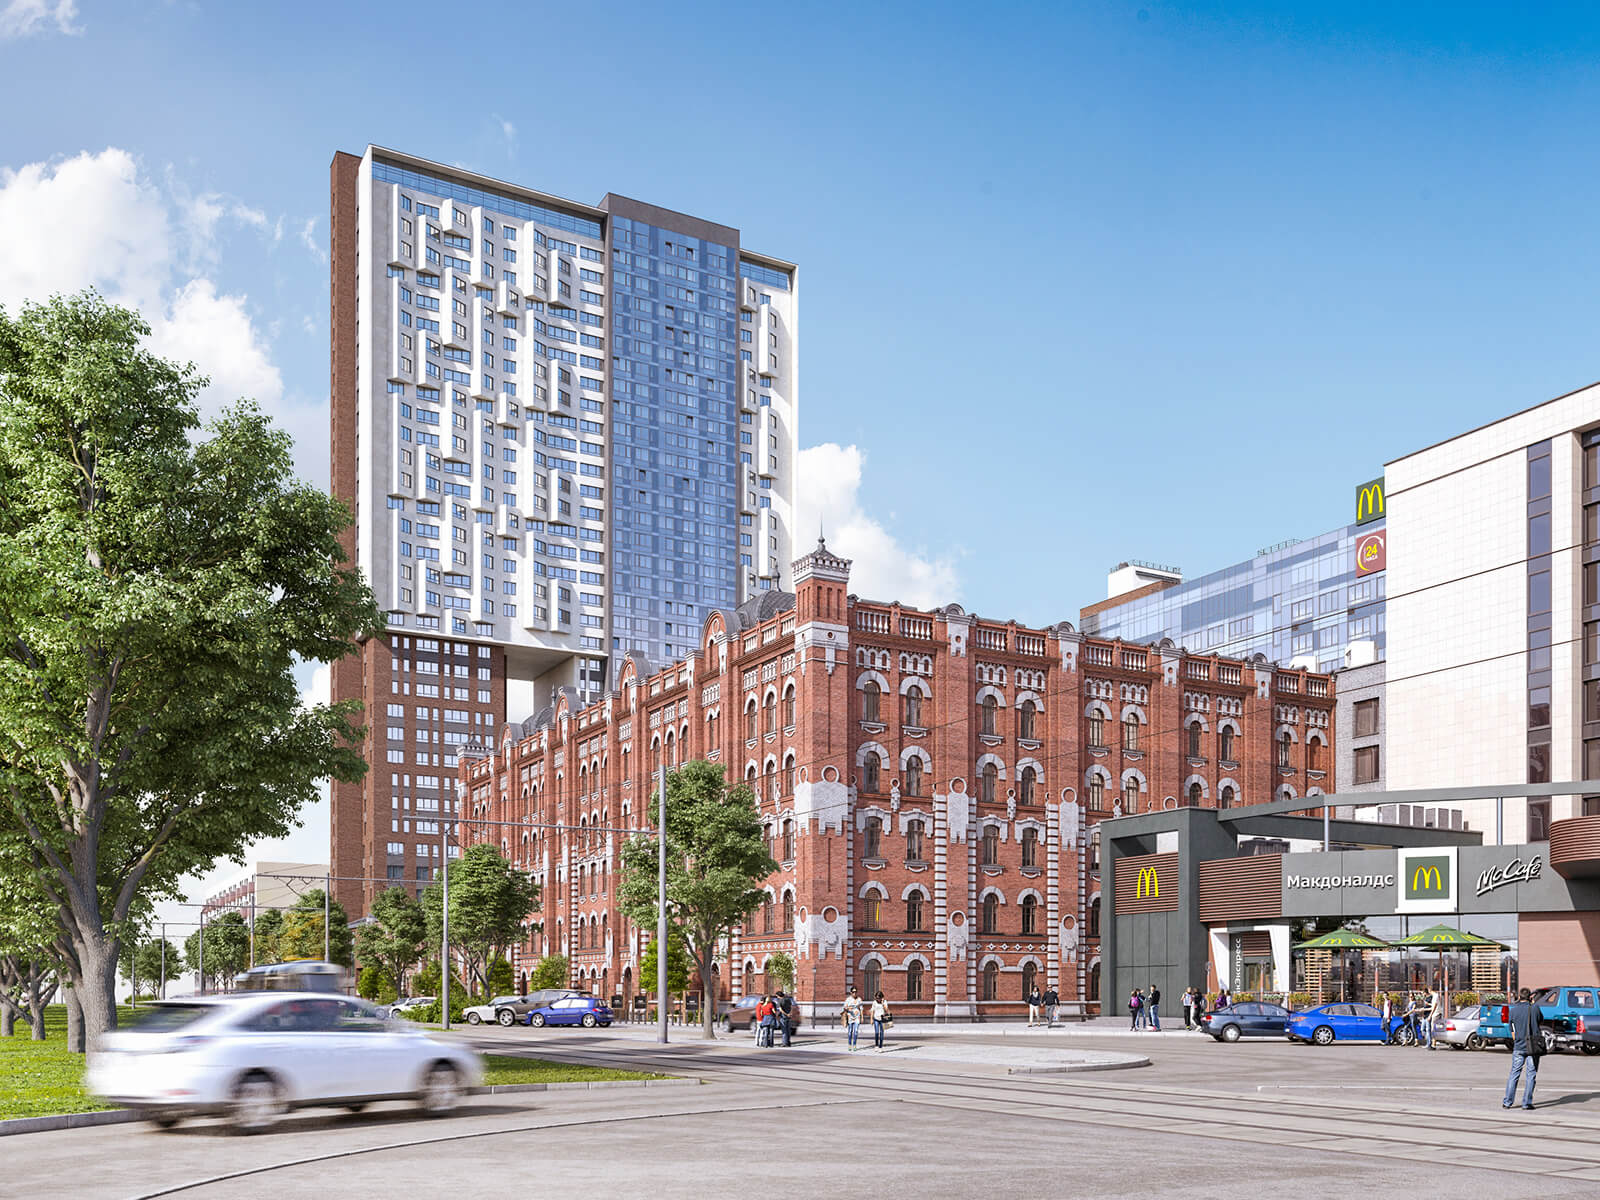 36-этажная высотка получила аккредитацию крупнейших банков. Теперь купить «видовую квартиру» по цене от 2.6 млн. руб. можно и в ипотеку.